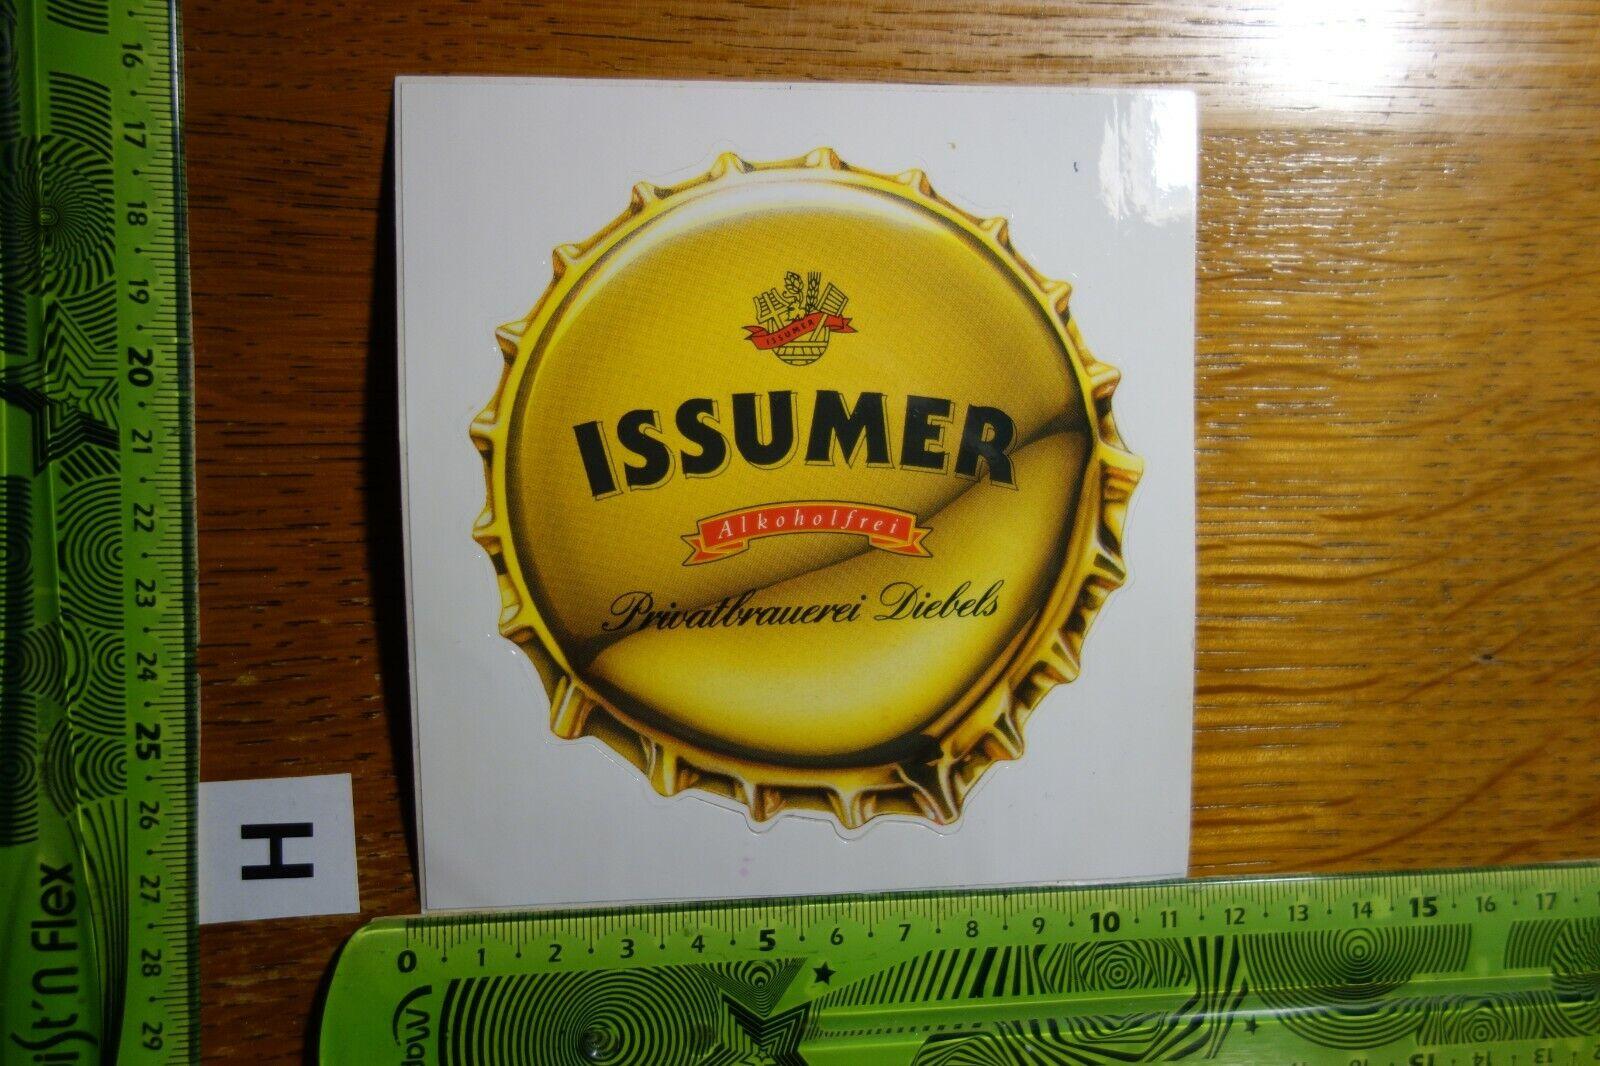 Alter Aufkleber Brauerei Bier Pils Diebels ISSUMER Alkoholfrei